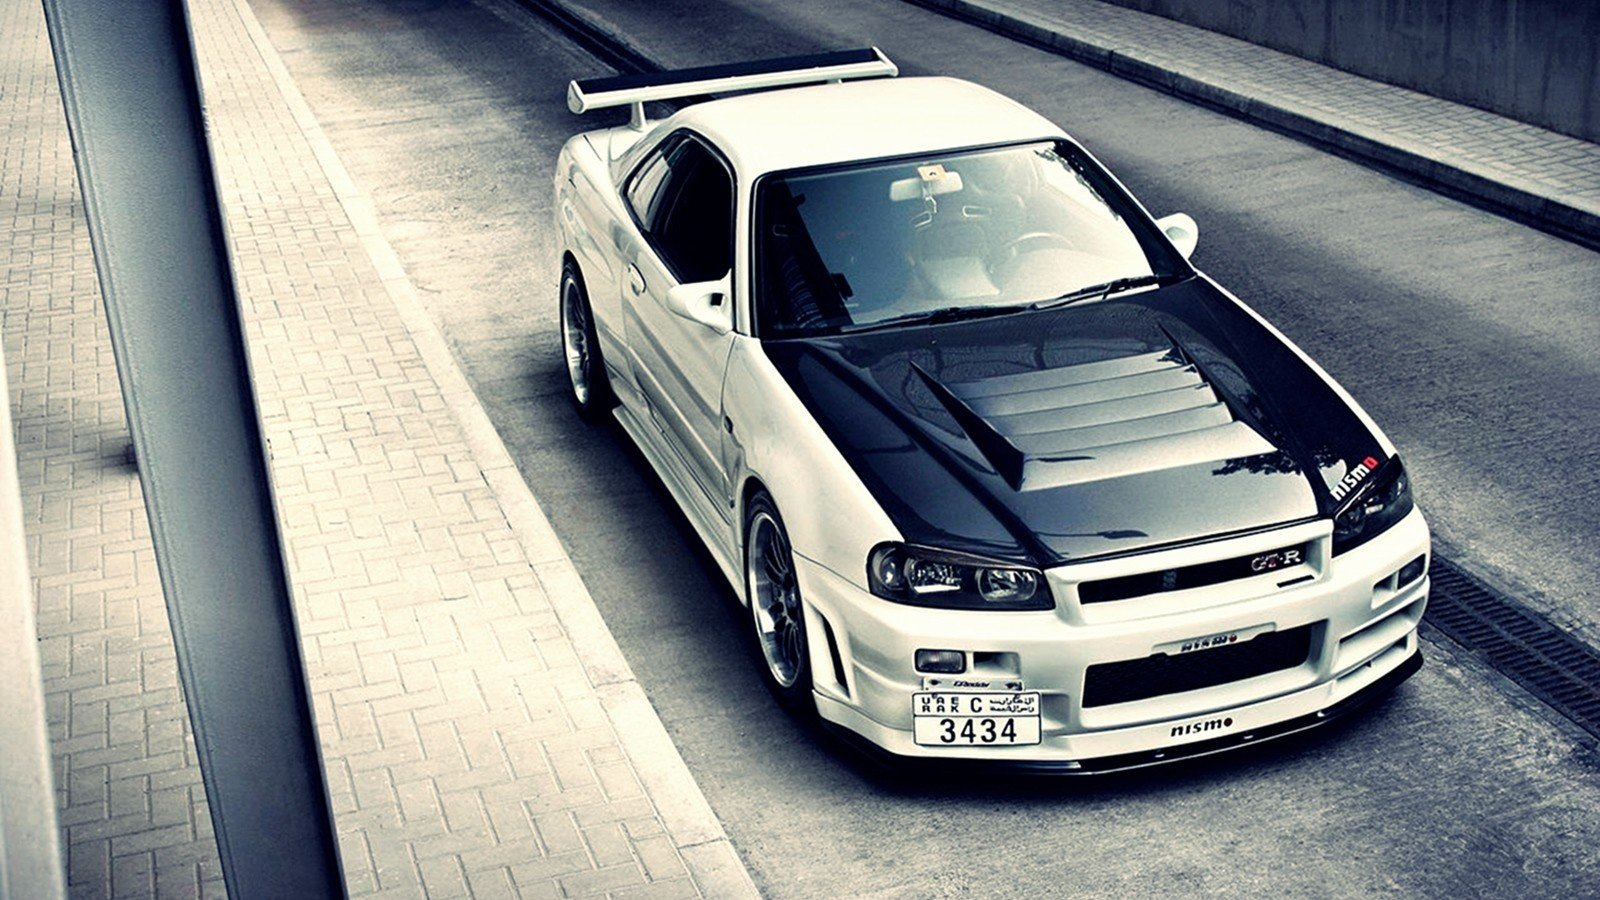 1995 Nissan Skyline Gtr R34 Nissan Skyline R34 Gt-r